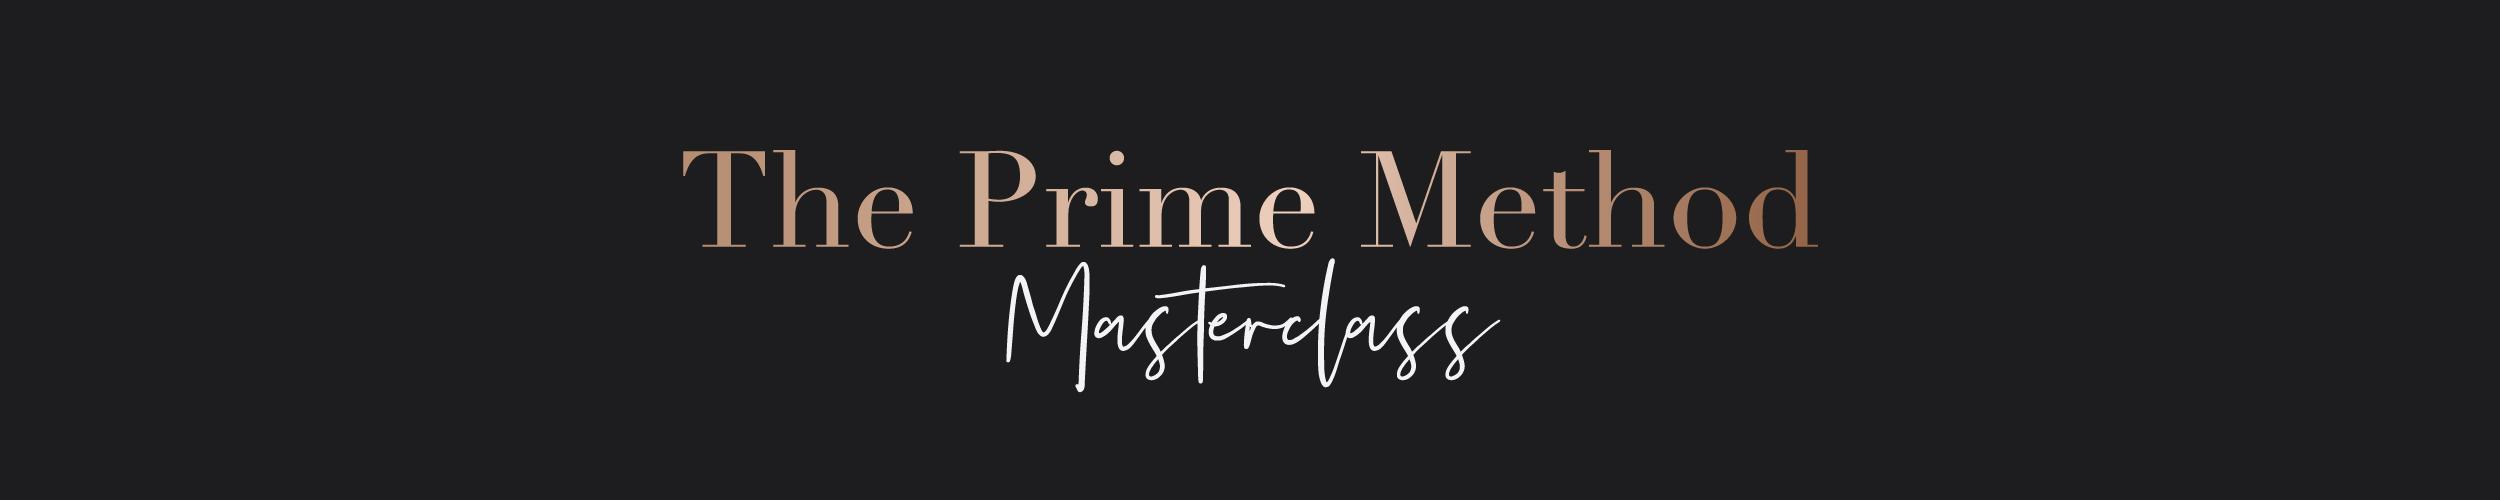 PMMBanner_website.jpg